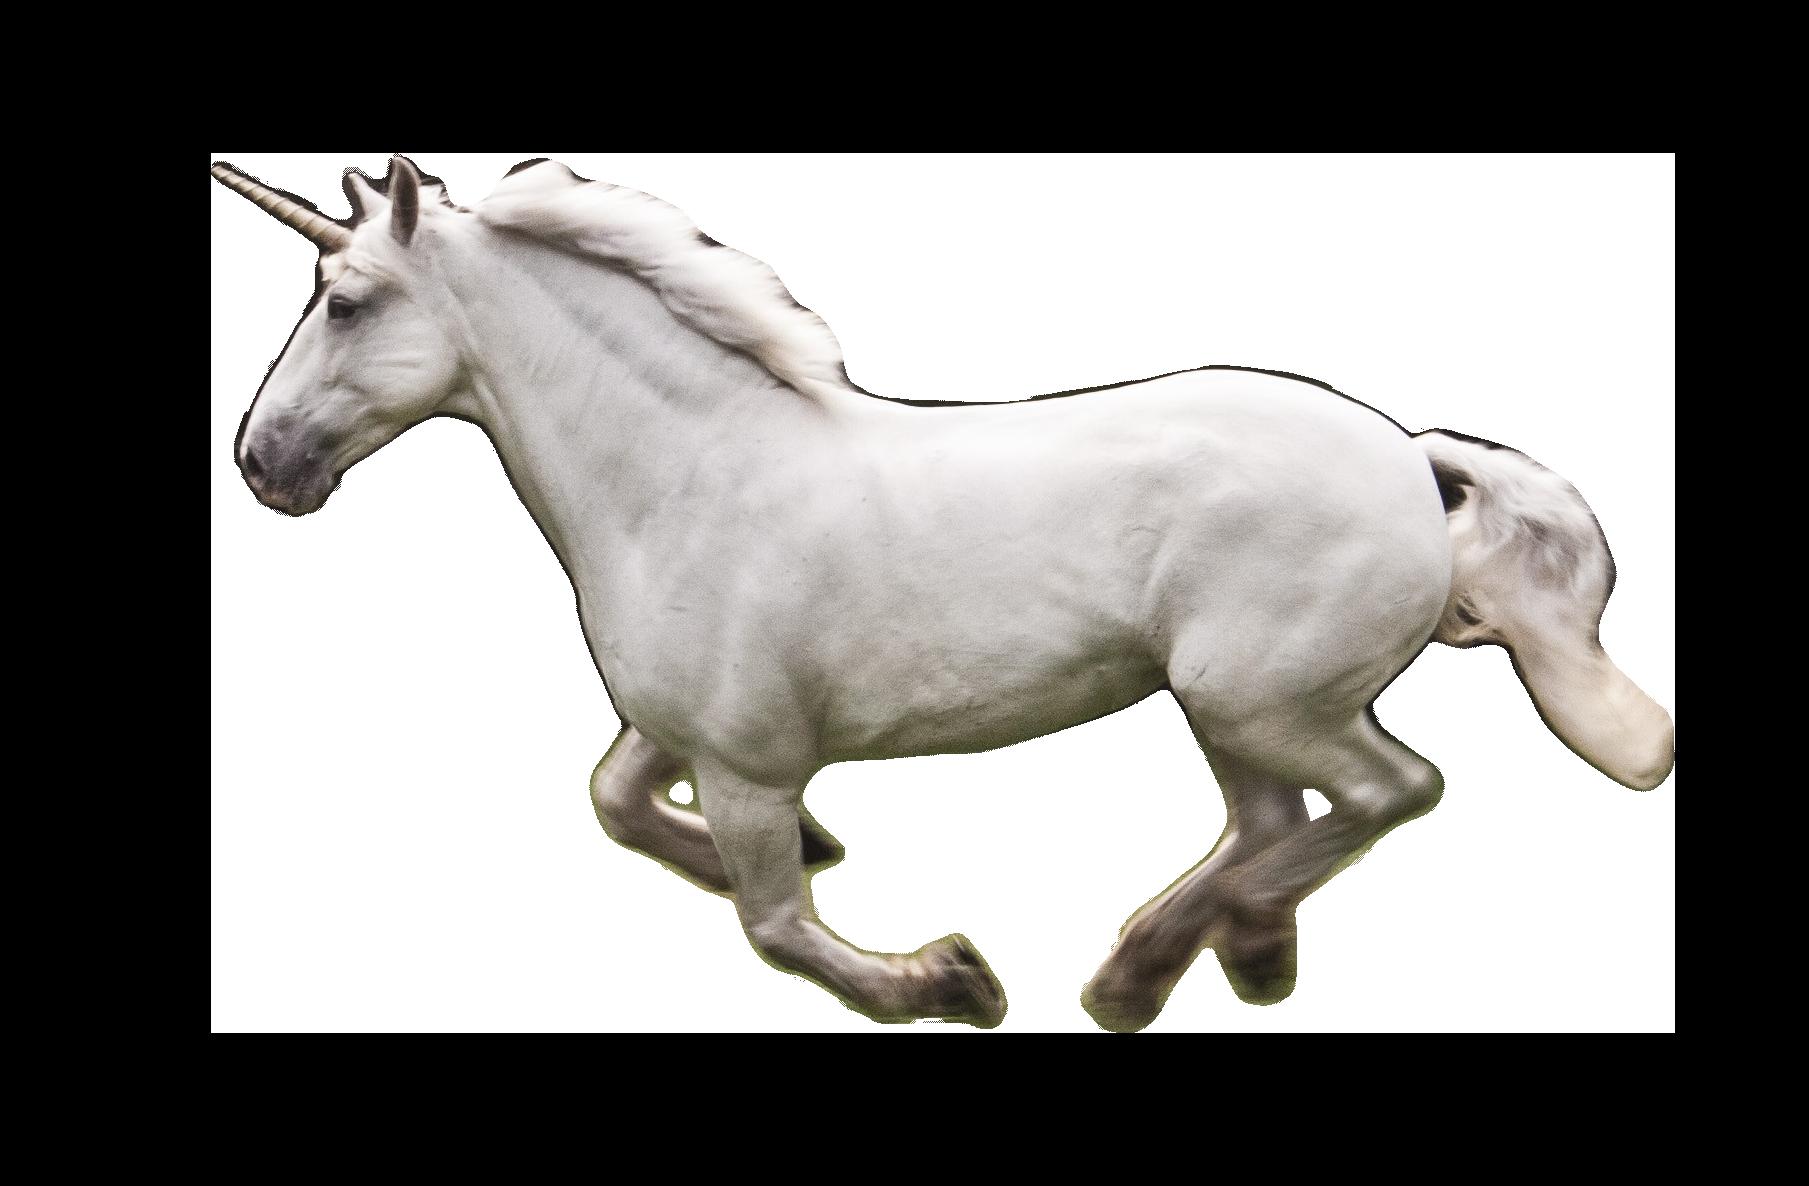 Unicorno PNG Image